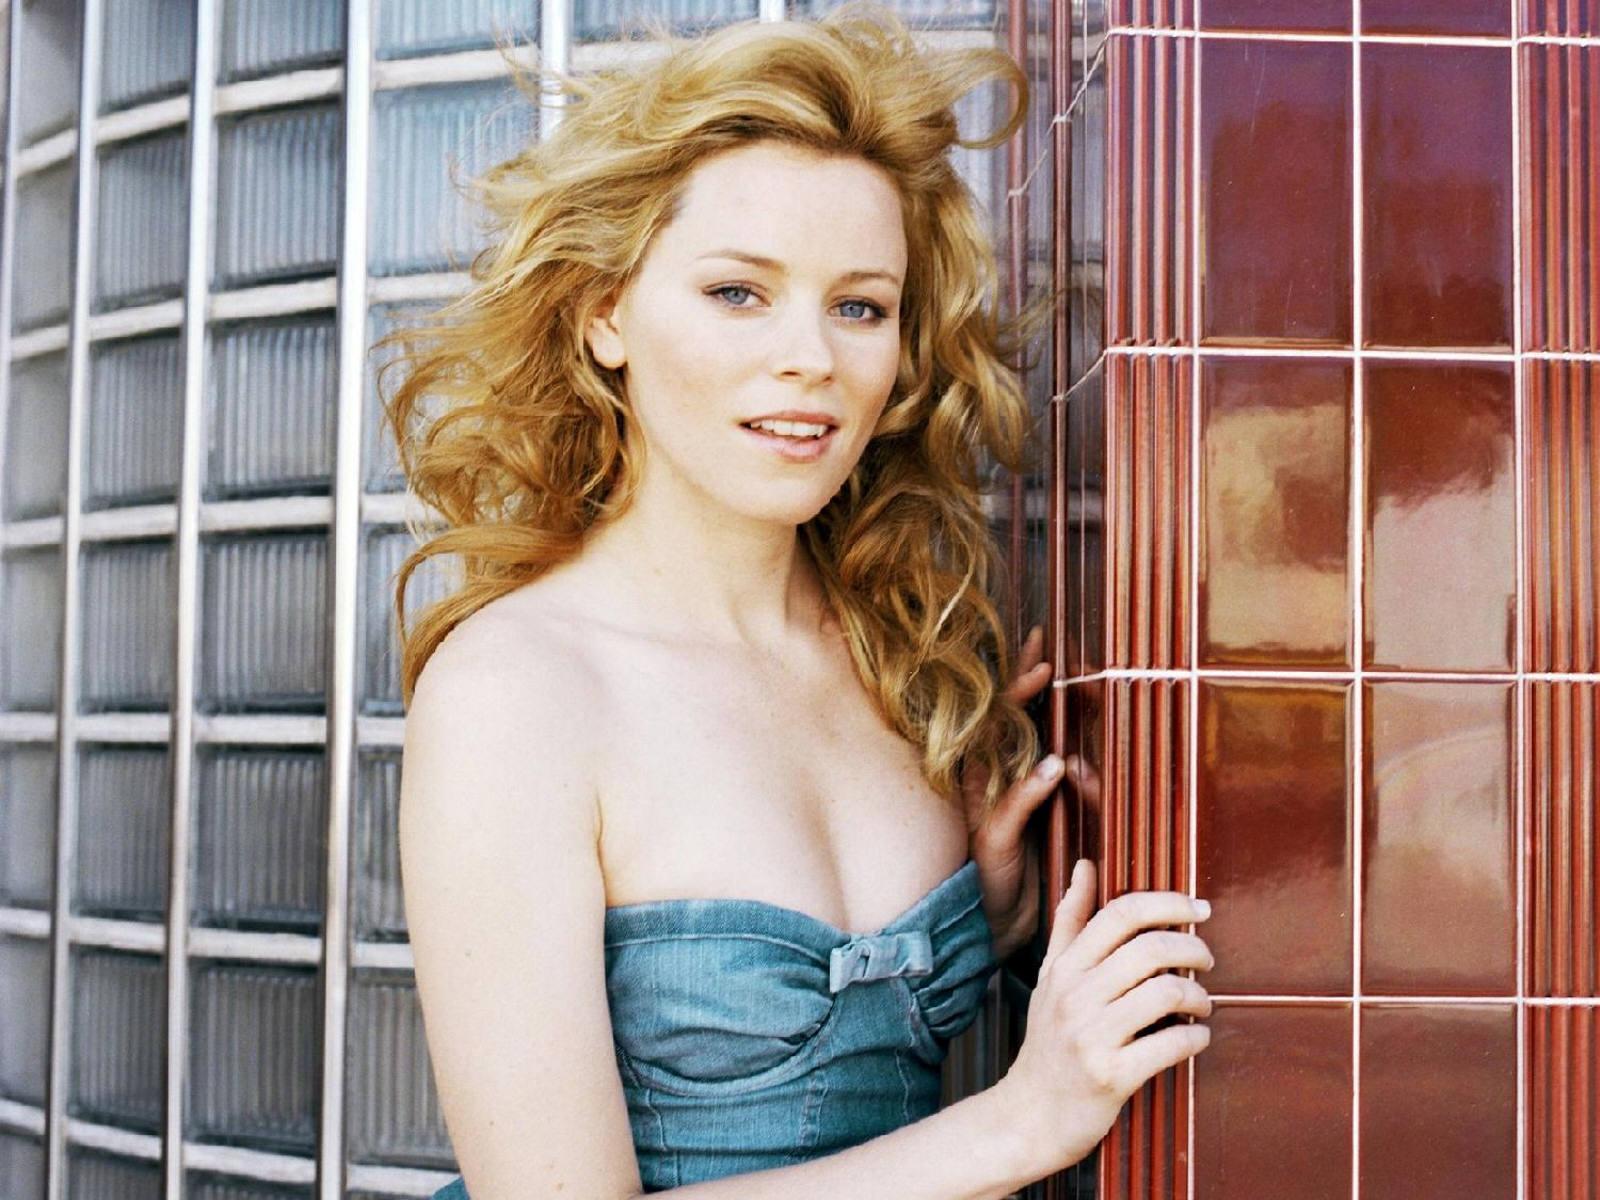 http://4.bp.blogspot.com/--6awqQ9cJyU/T4gD1u7n6BI/AAAAAAAAC_E/q0HC2FPz_7E/s1600/Elizabeth.jpg